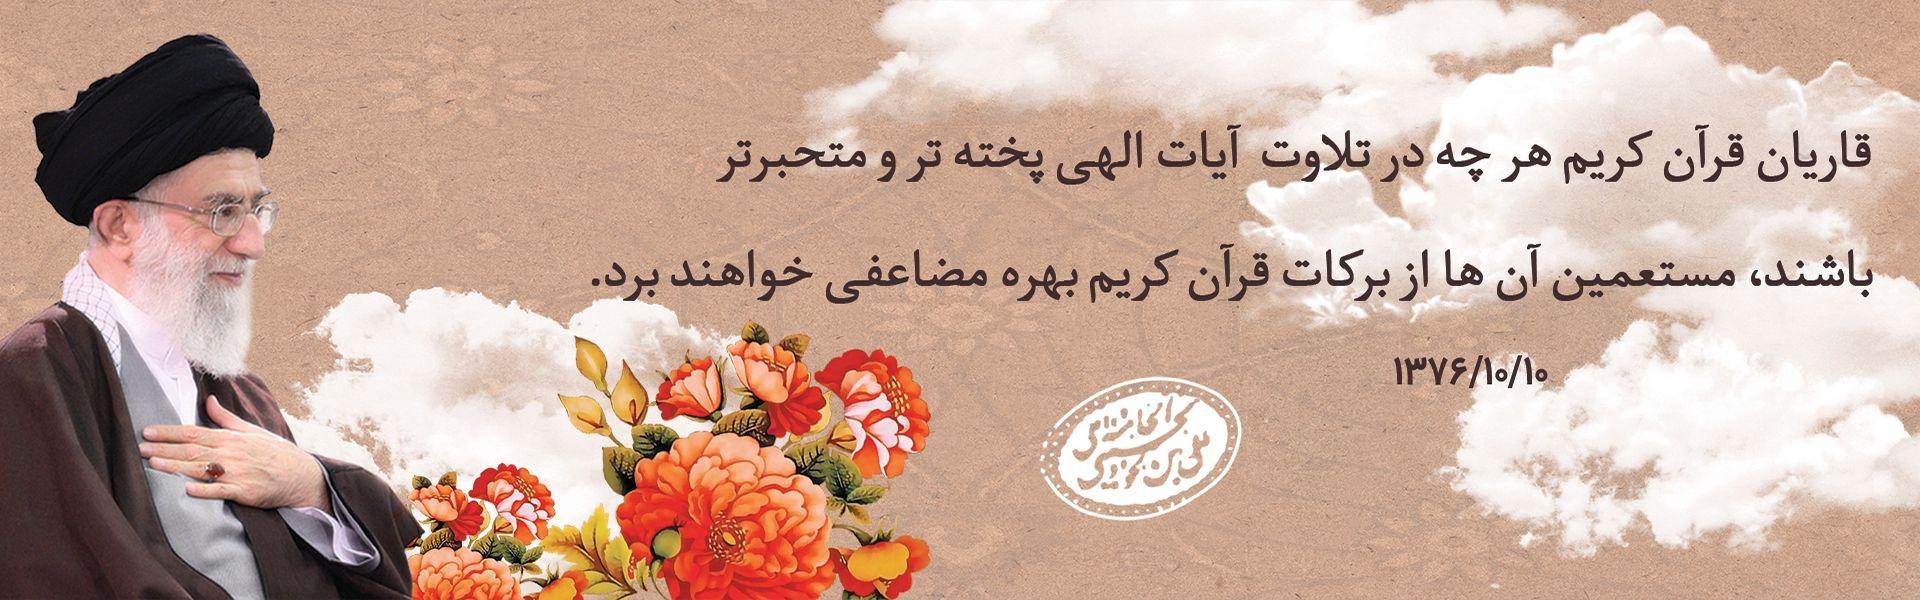 رادیو قرآن و رادیو معارف